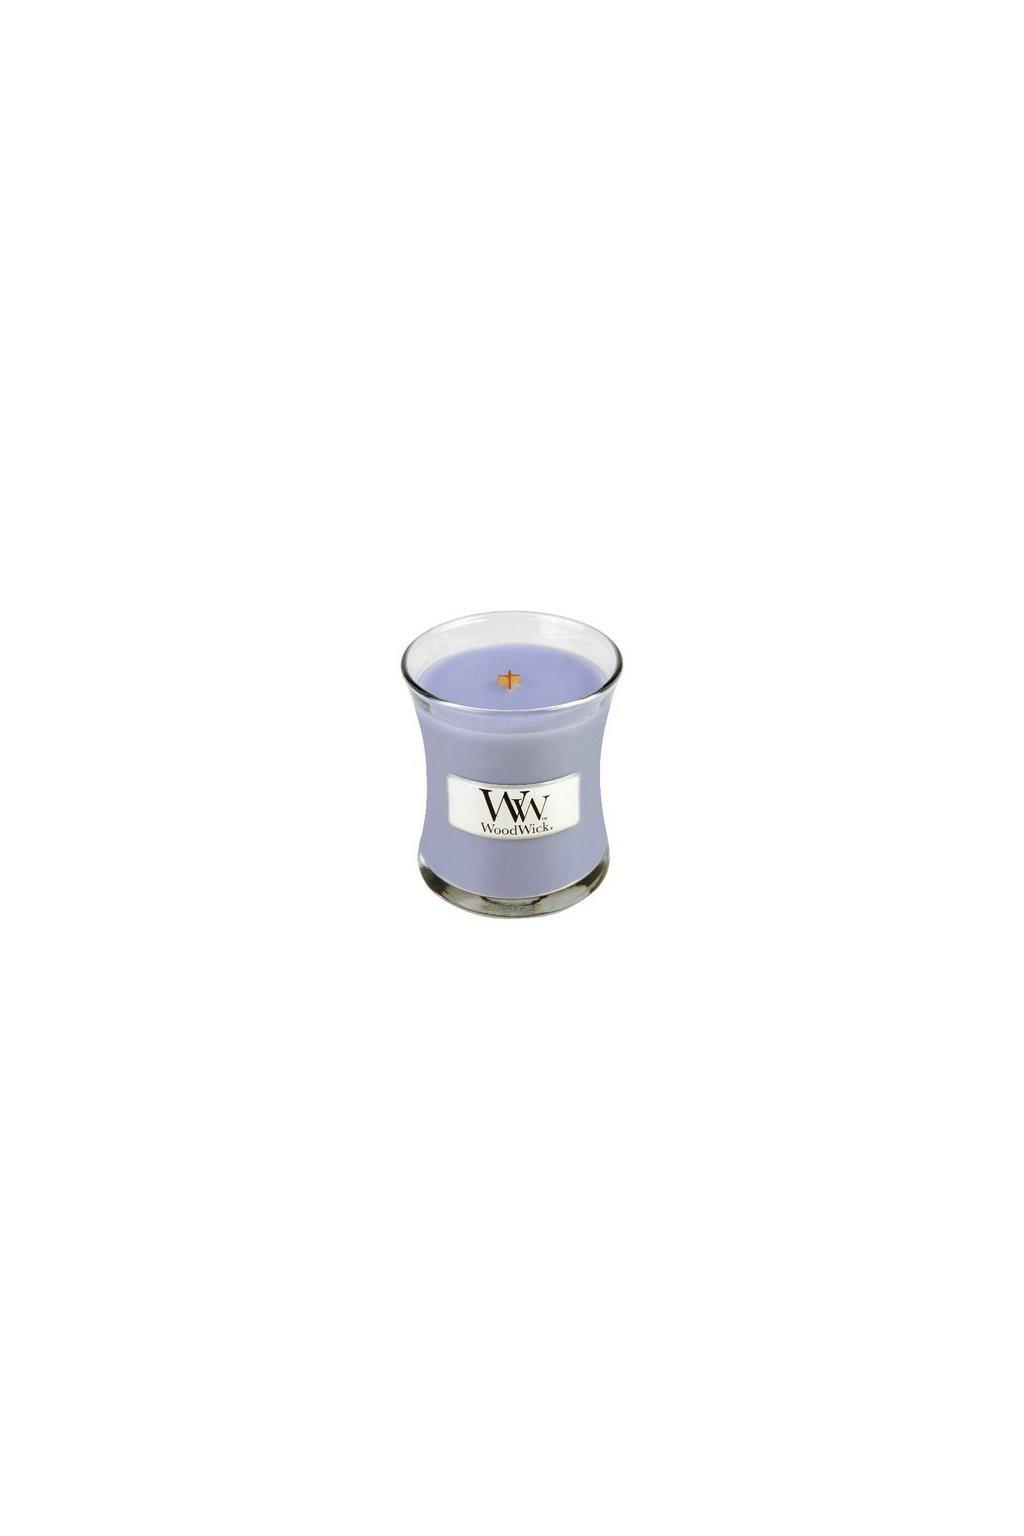 Woodwick Lavender Spa váza malá 85g